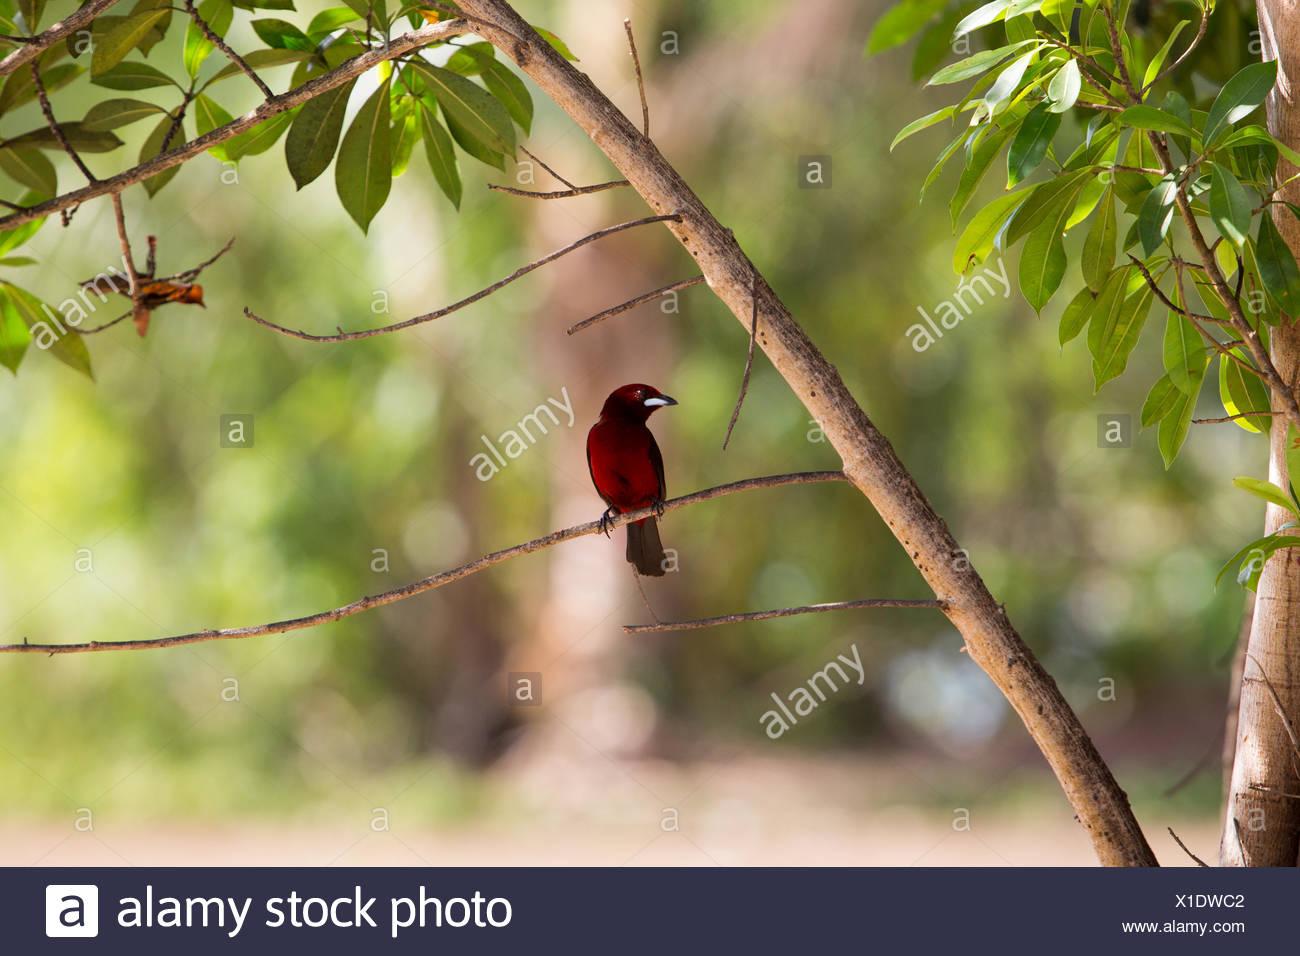 Dans le parc national de Coiba Isla,un tangara écarlate retour siège d'oiseaux perchés sur un membre de l'arbre. Photo Stock